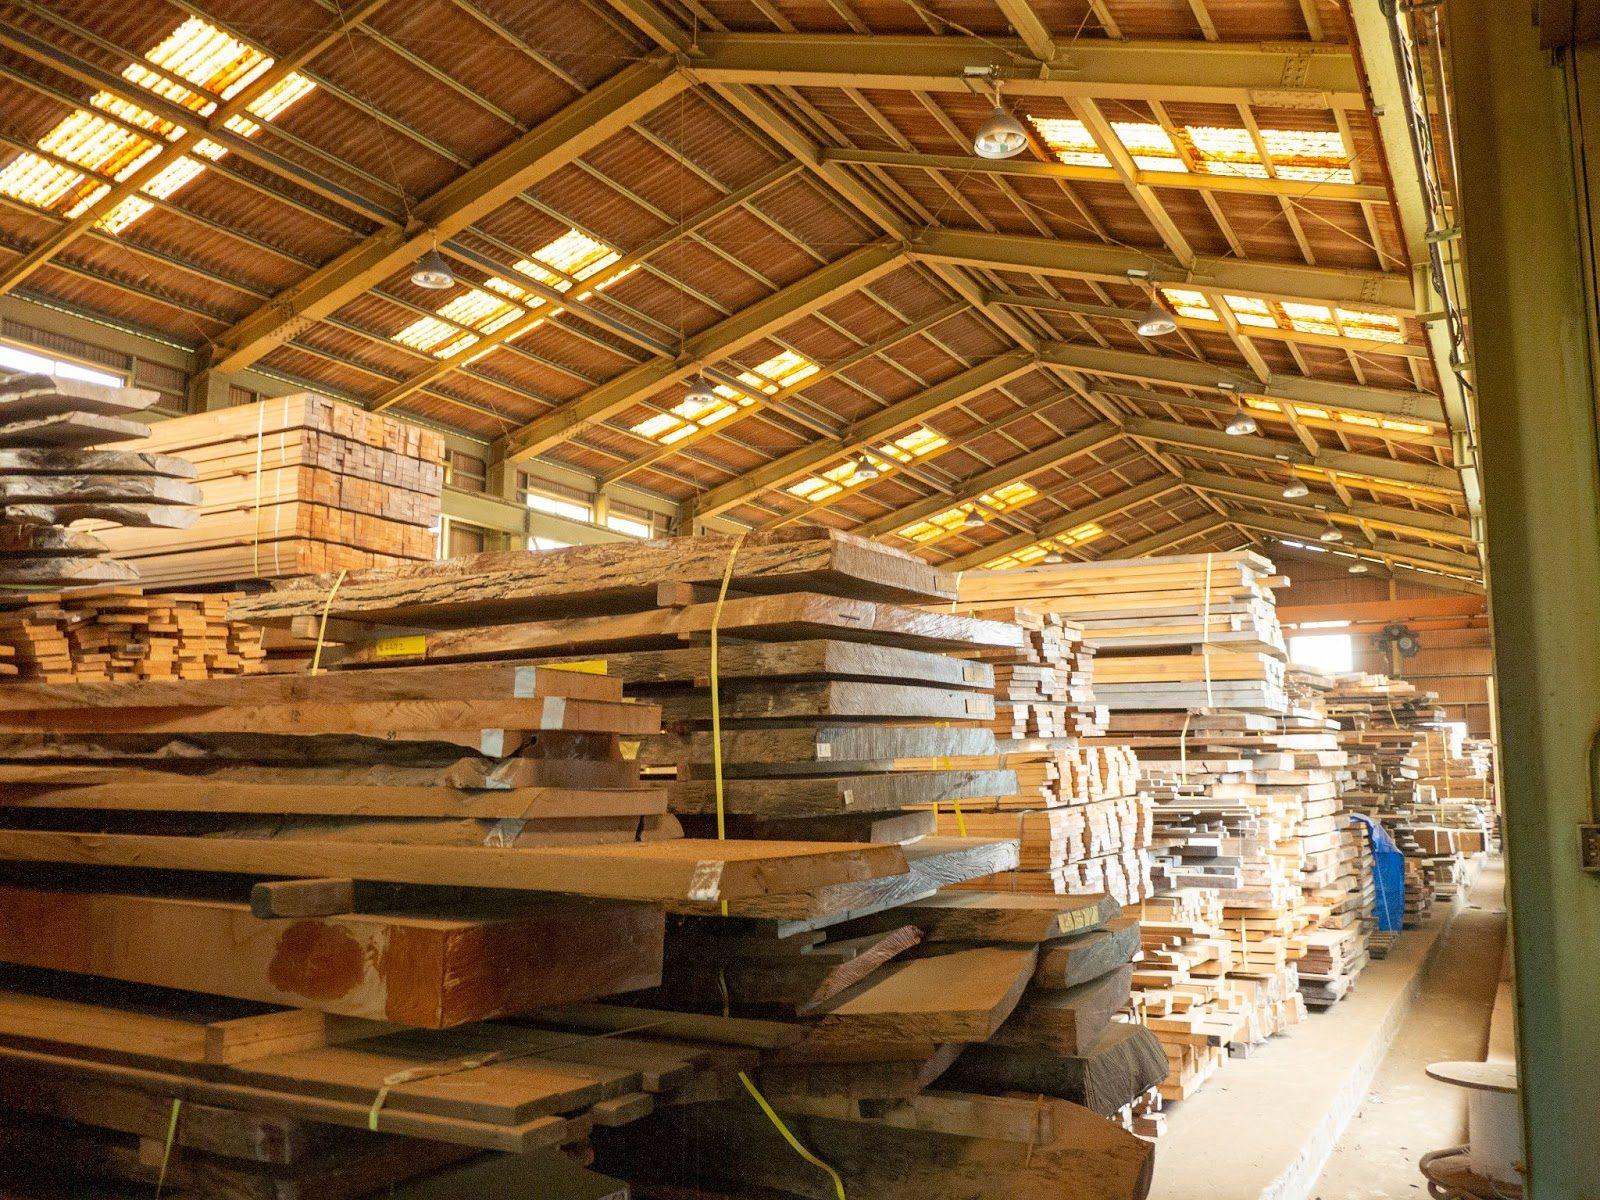 在庫になってしまい、うずたかく積み上げられた木材